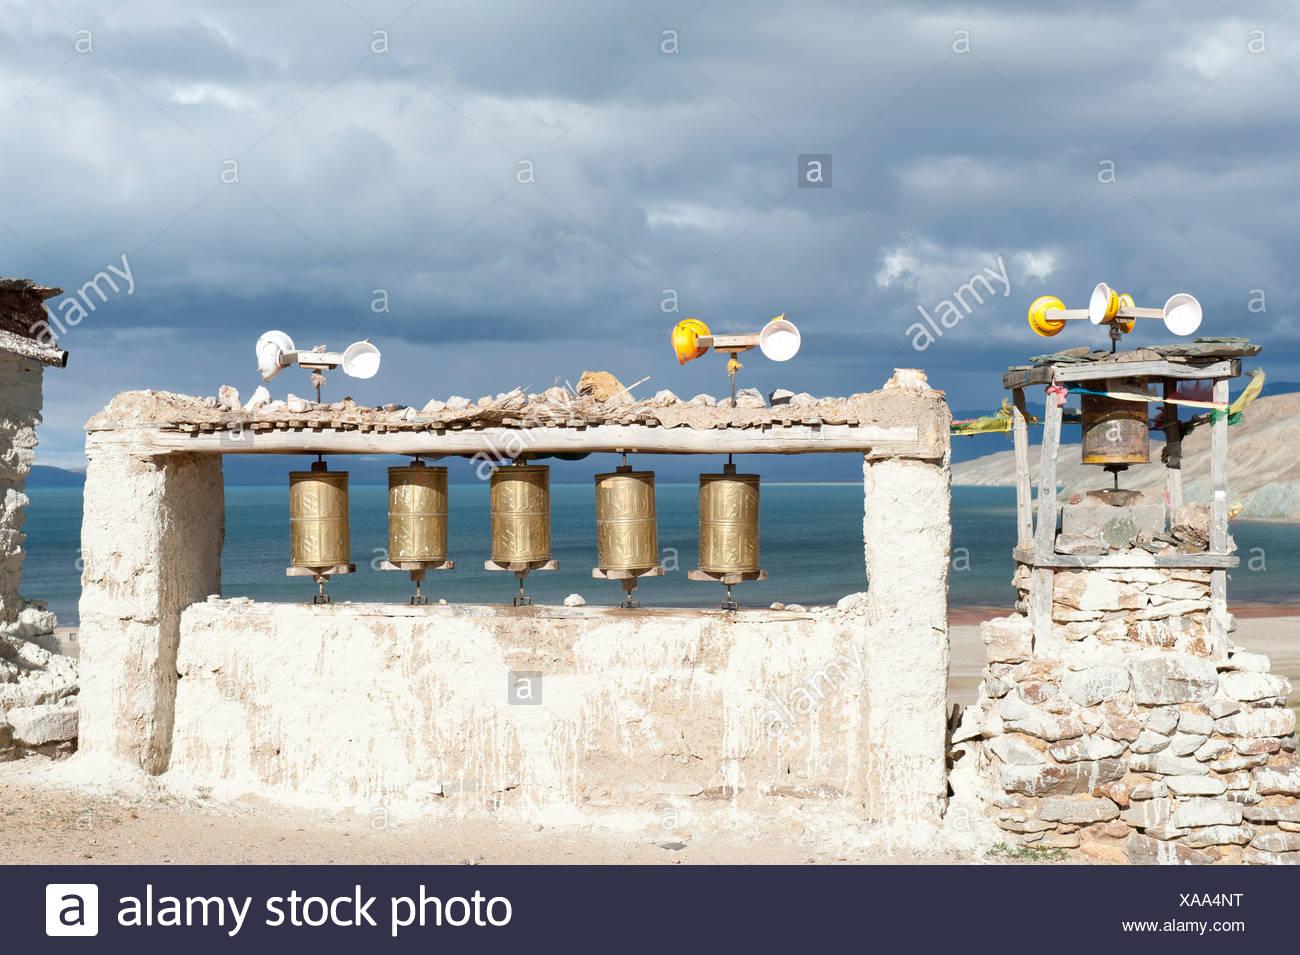 La energía eólica, ruedas de oración impulsados por el viento, Chiu Gompa Monasterio encima del Lago Manasarovar, Mapham Yutsho, Kailash, Ngari Imagen De Stock